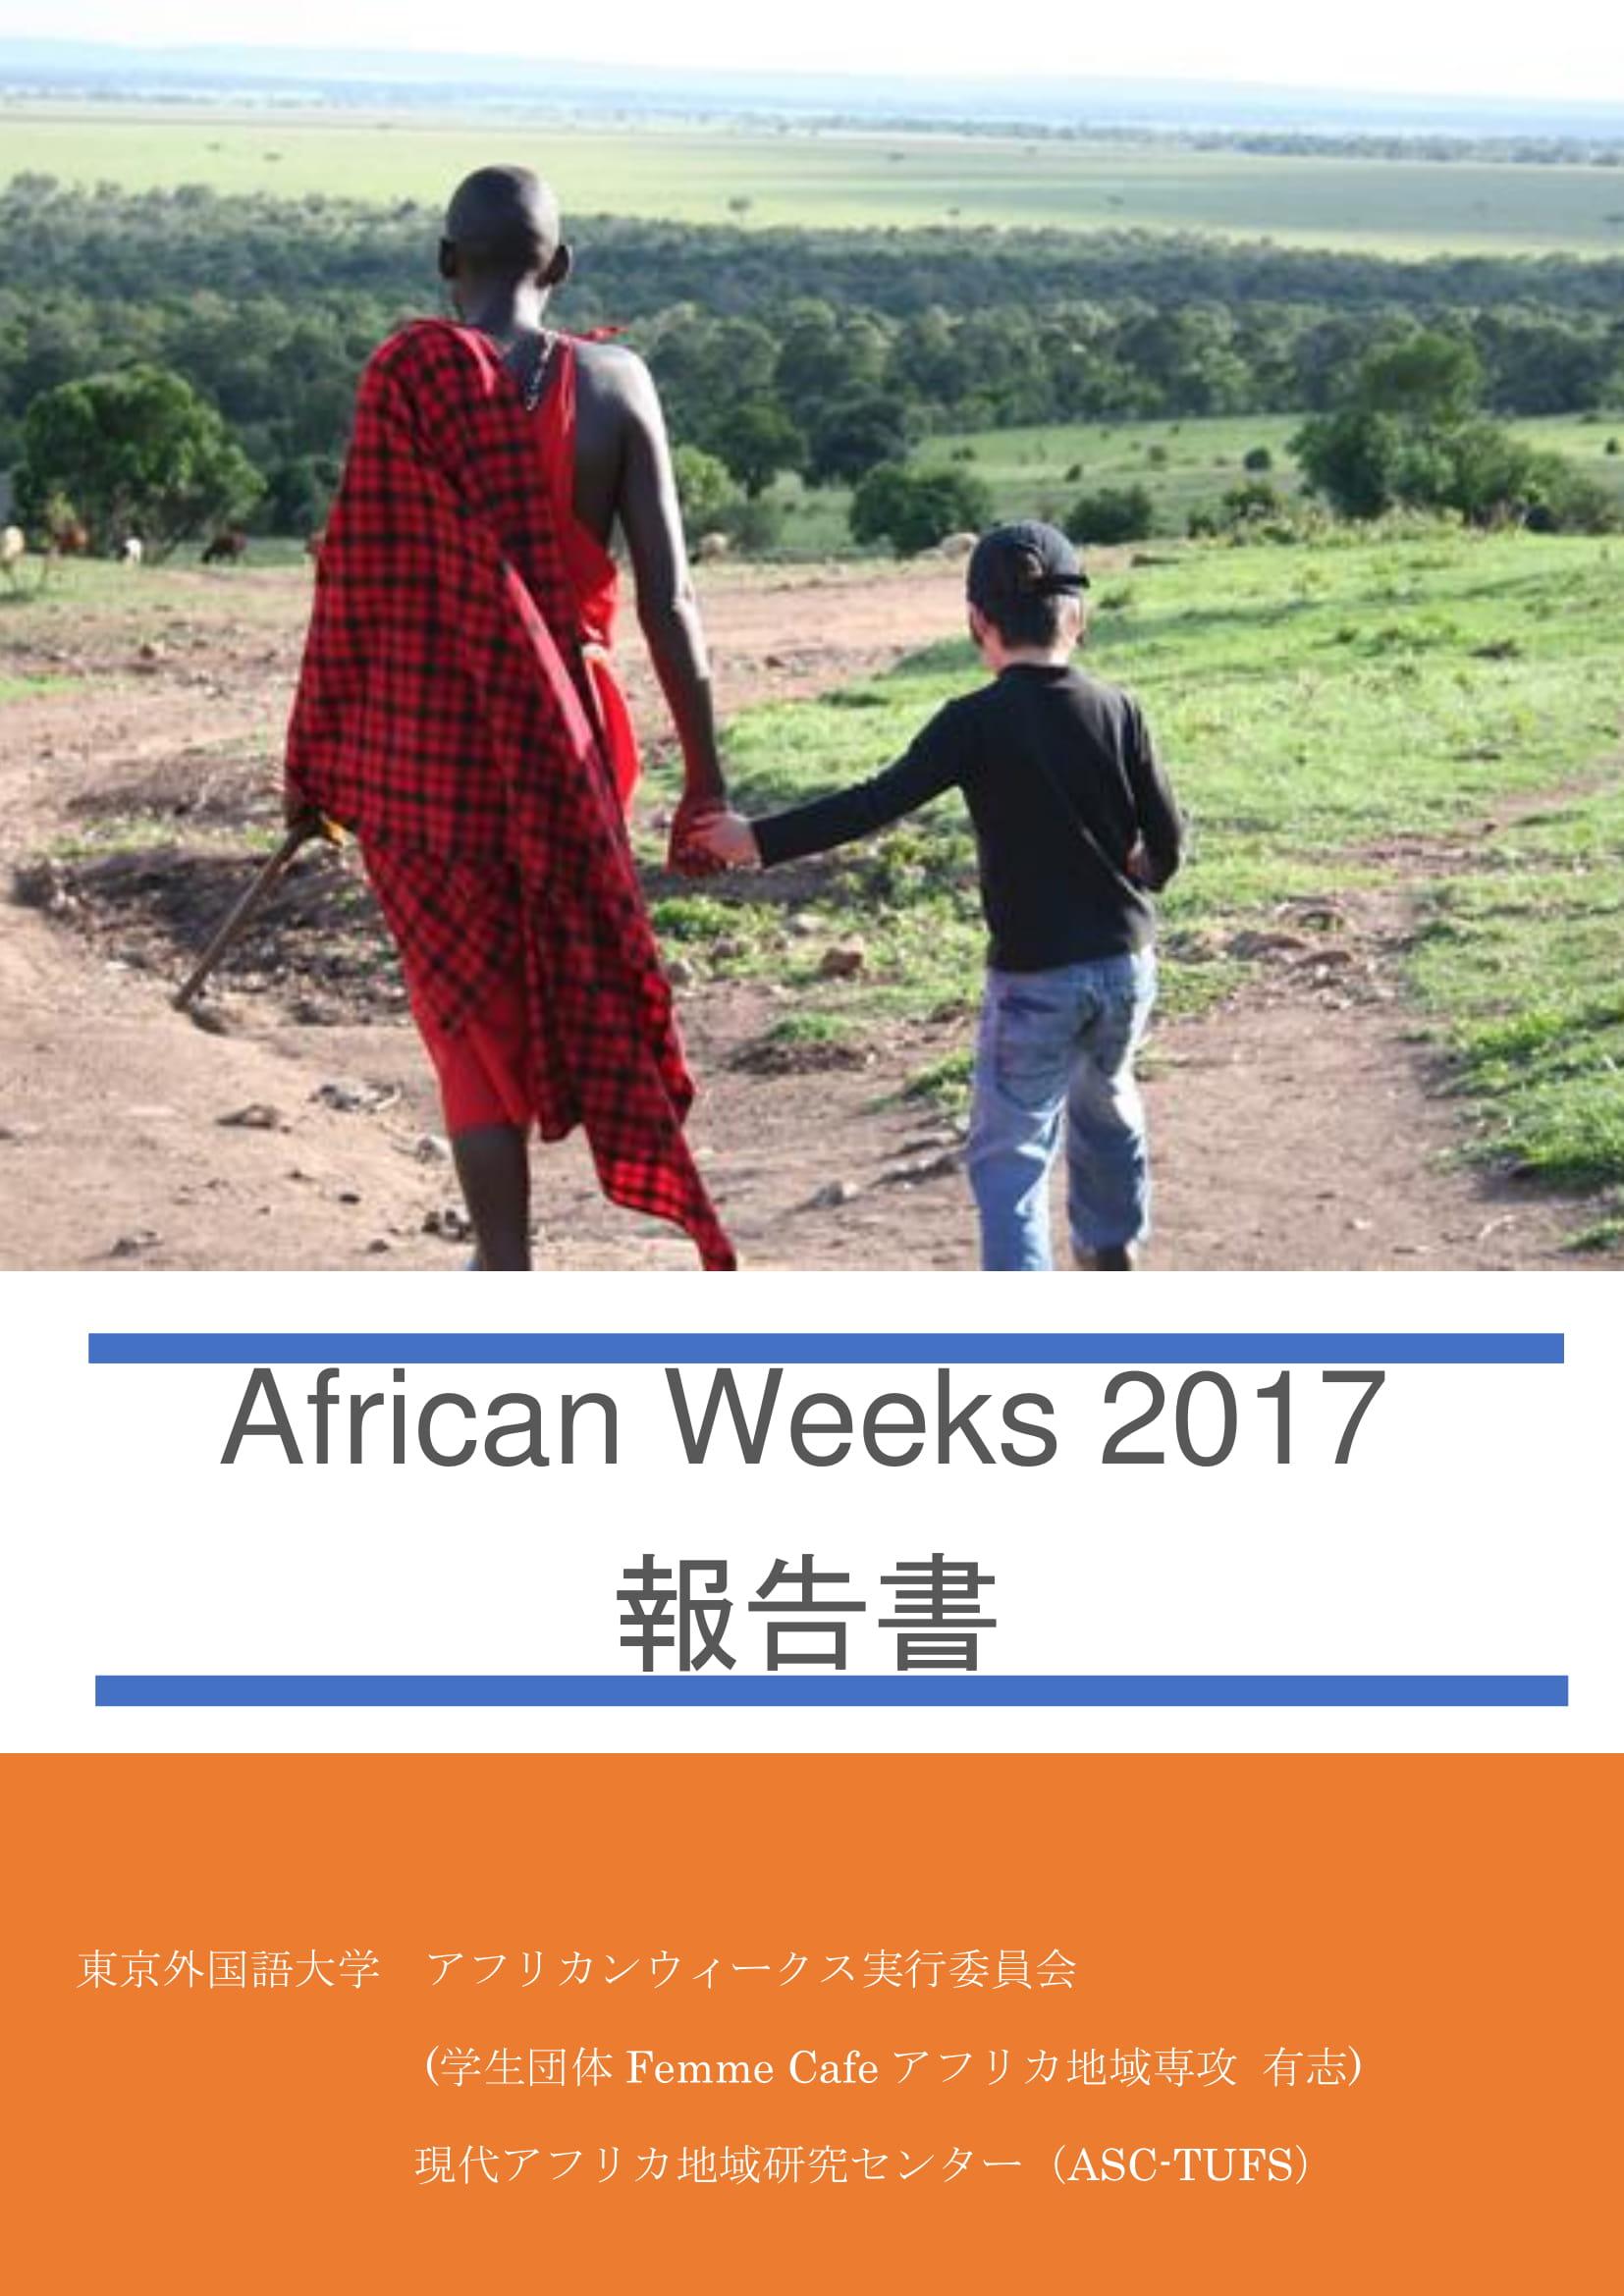 「アフリカンウィークス2017」の報告書が完成いたしました